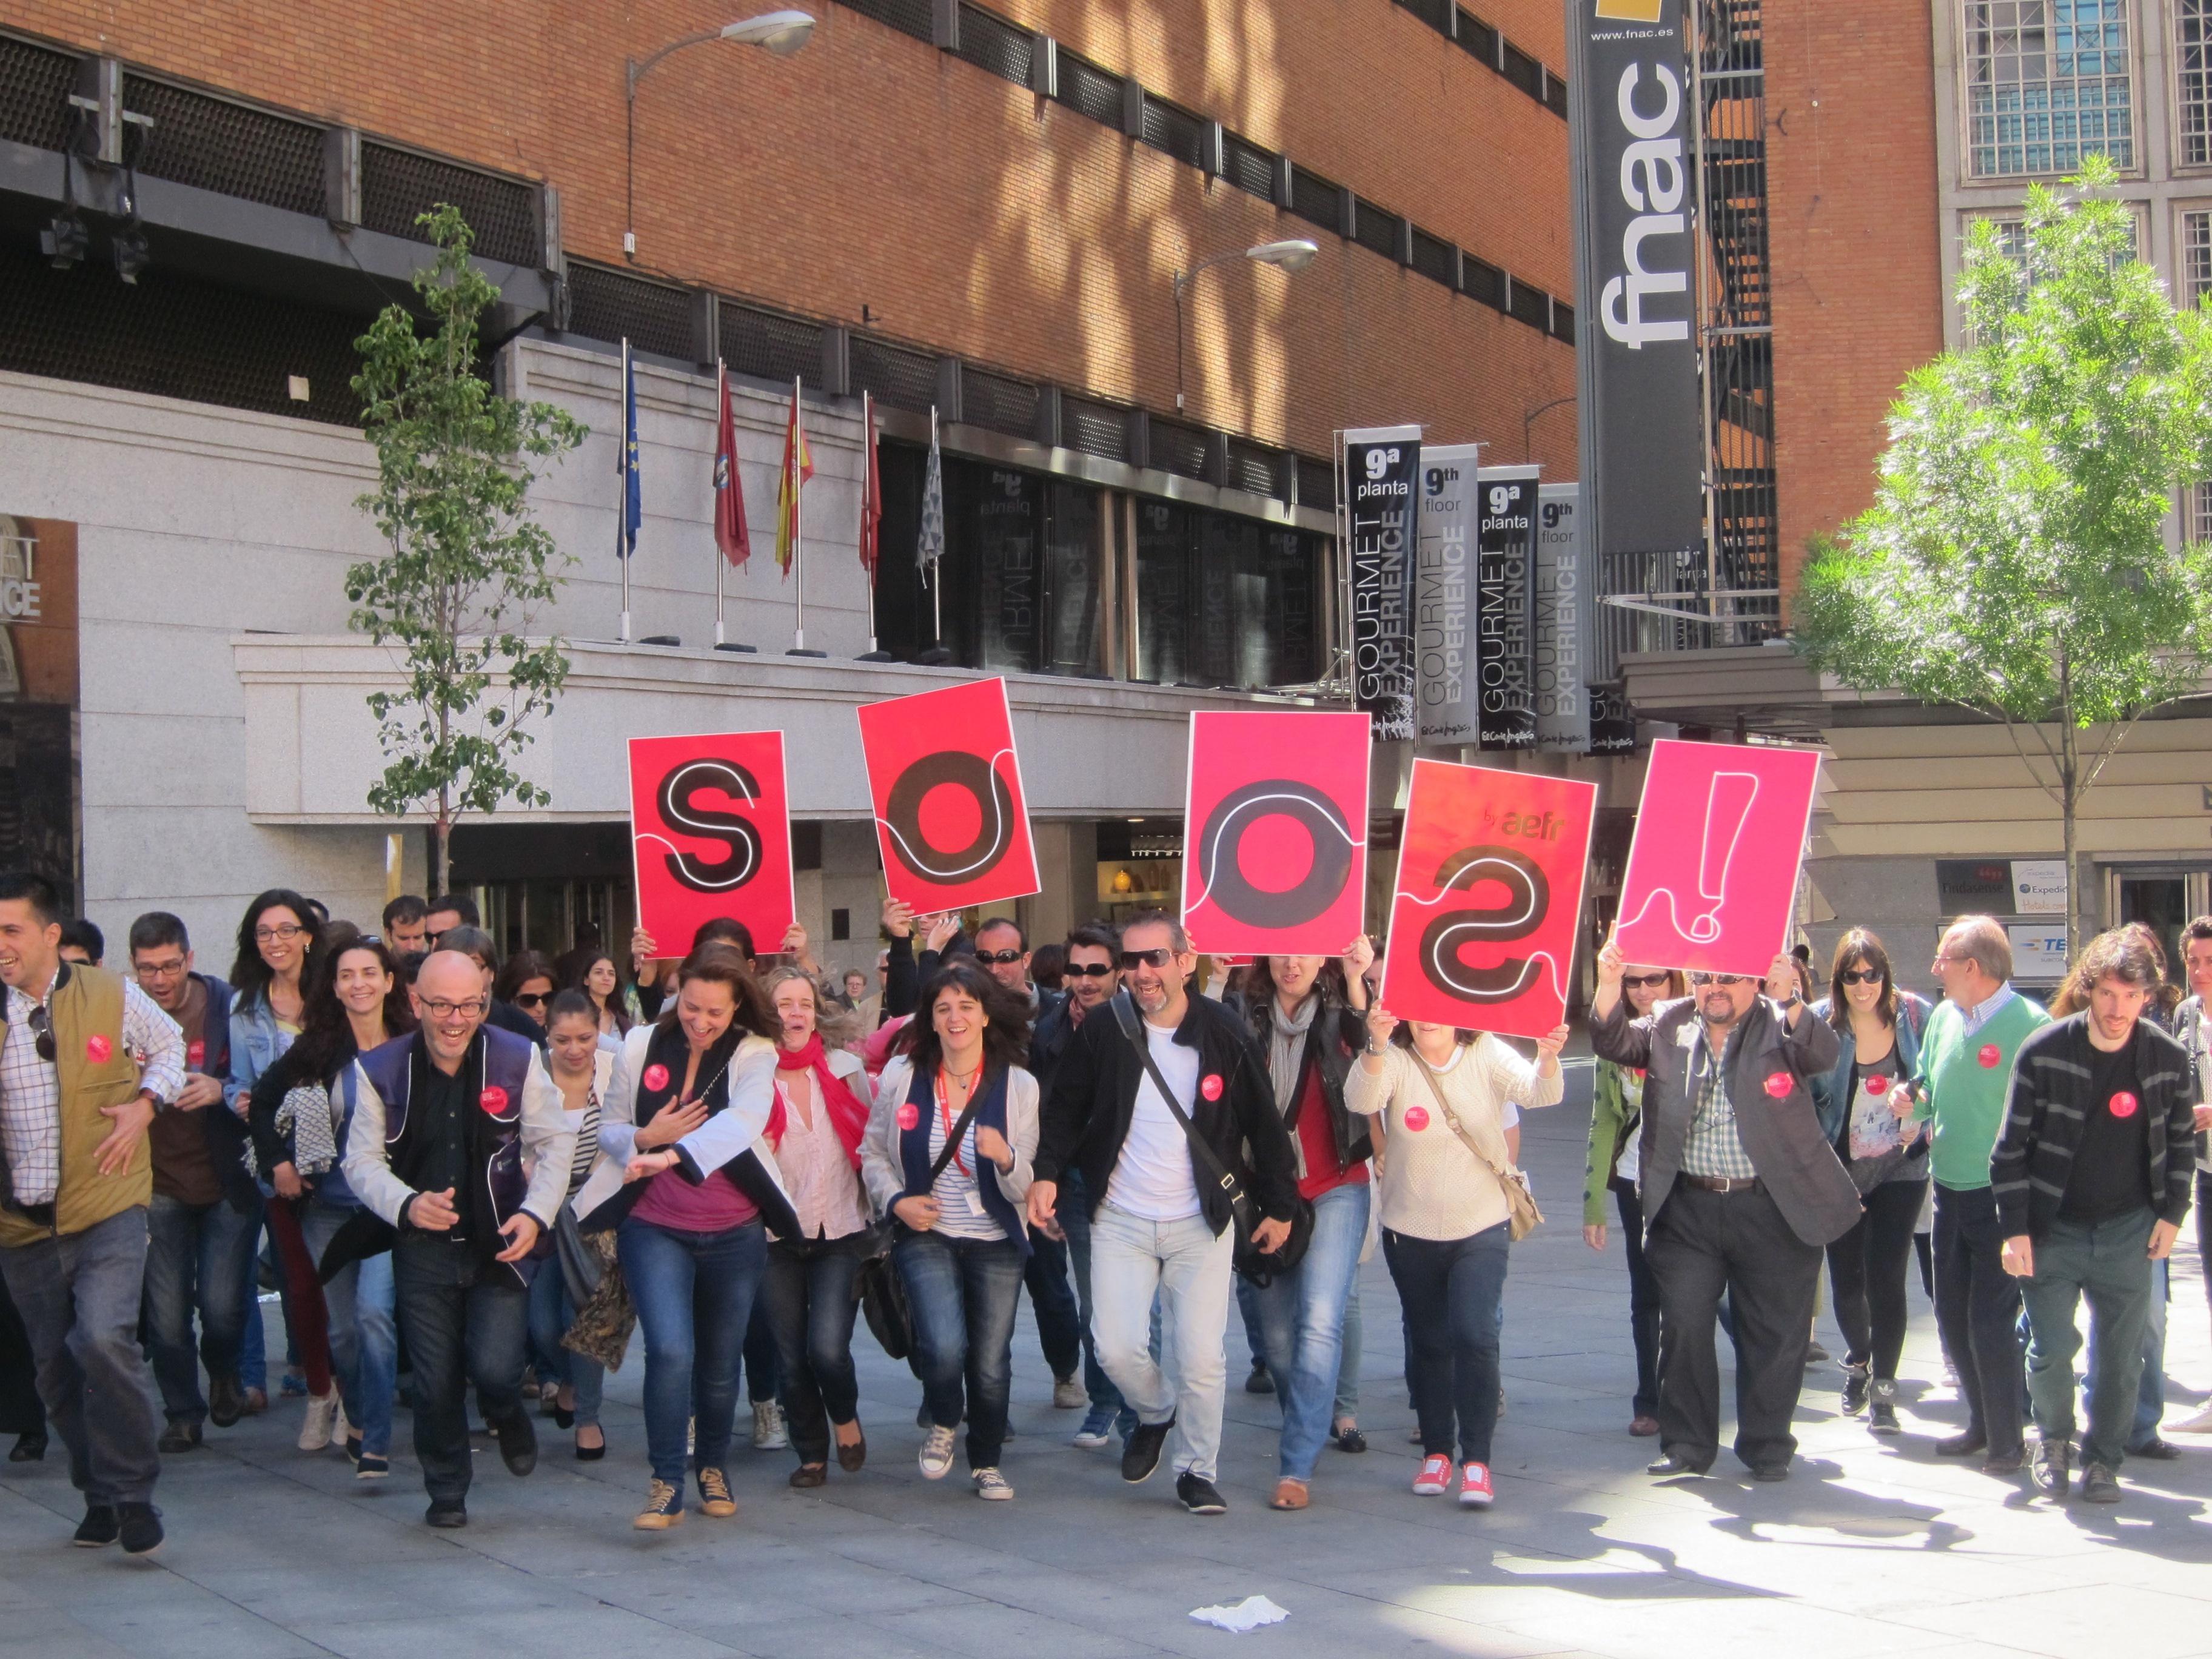 Un centenar de personas realizan un »flashmob» en la madrileña plaza de Callao para «darle la vuelta al mundo»